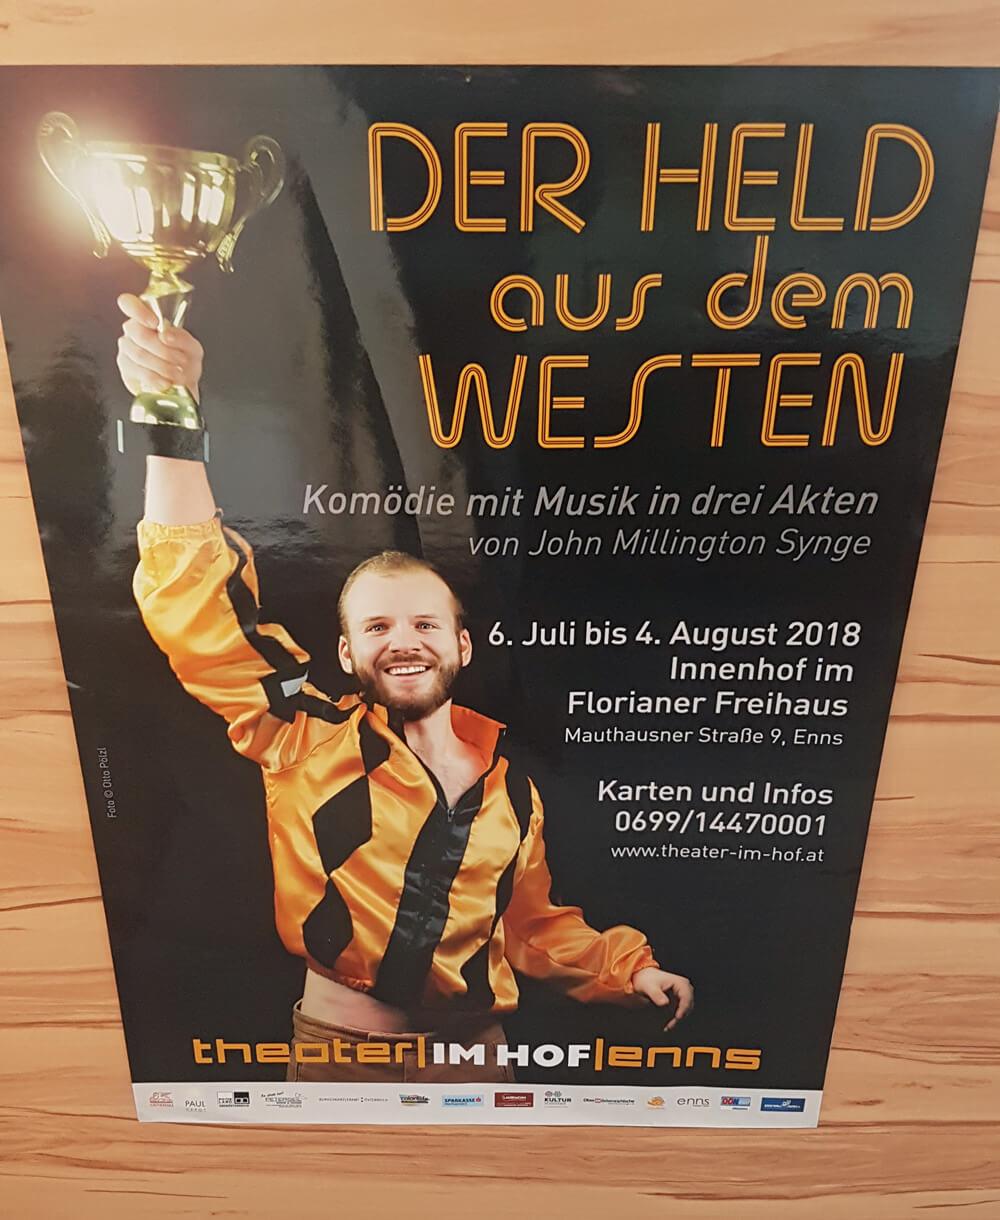 Plakatdruck: Theater im Hof Enns, Der Held aus dem Westen